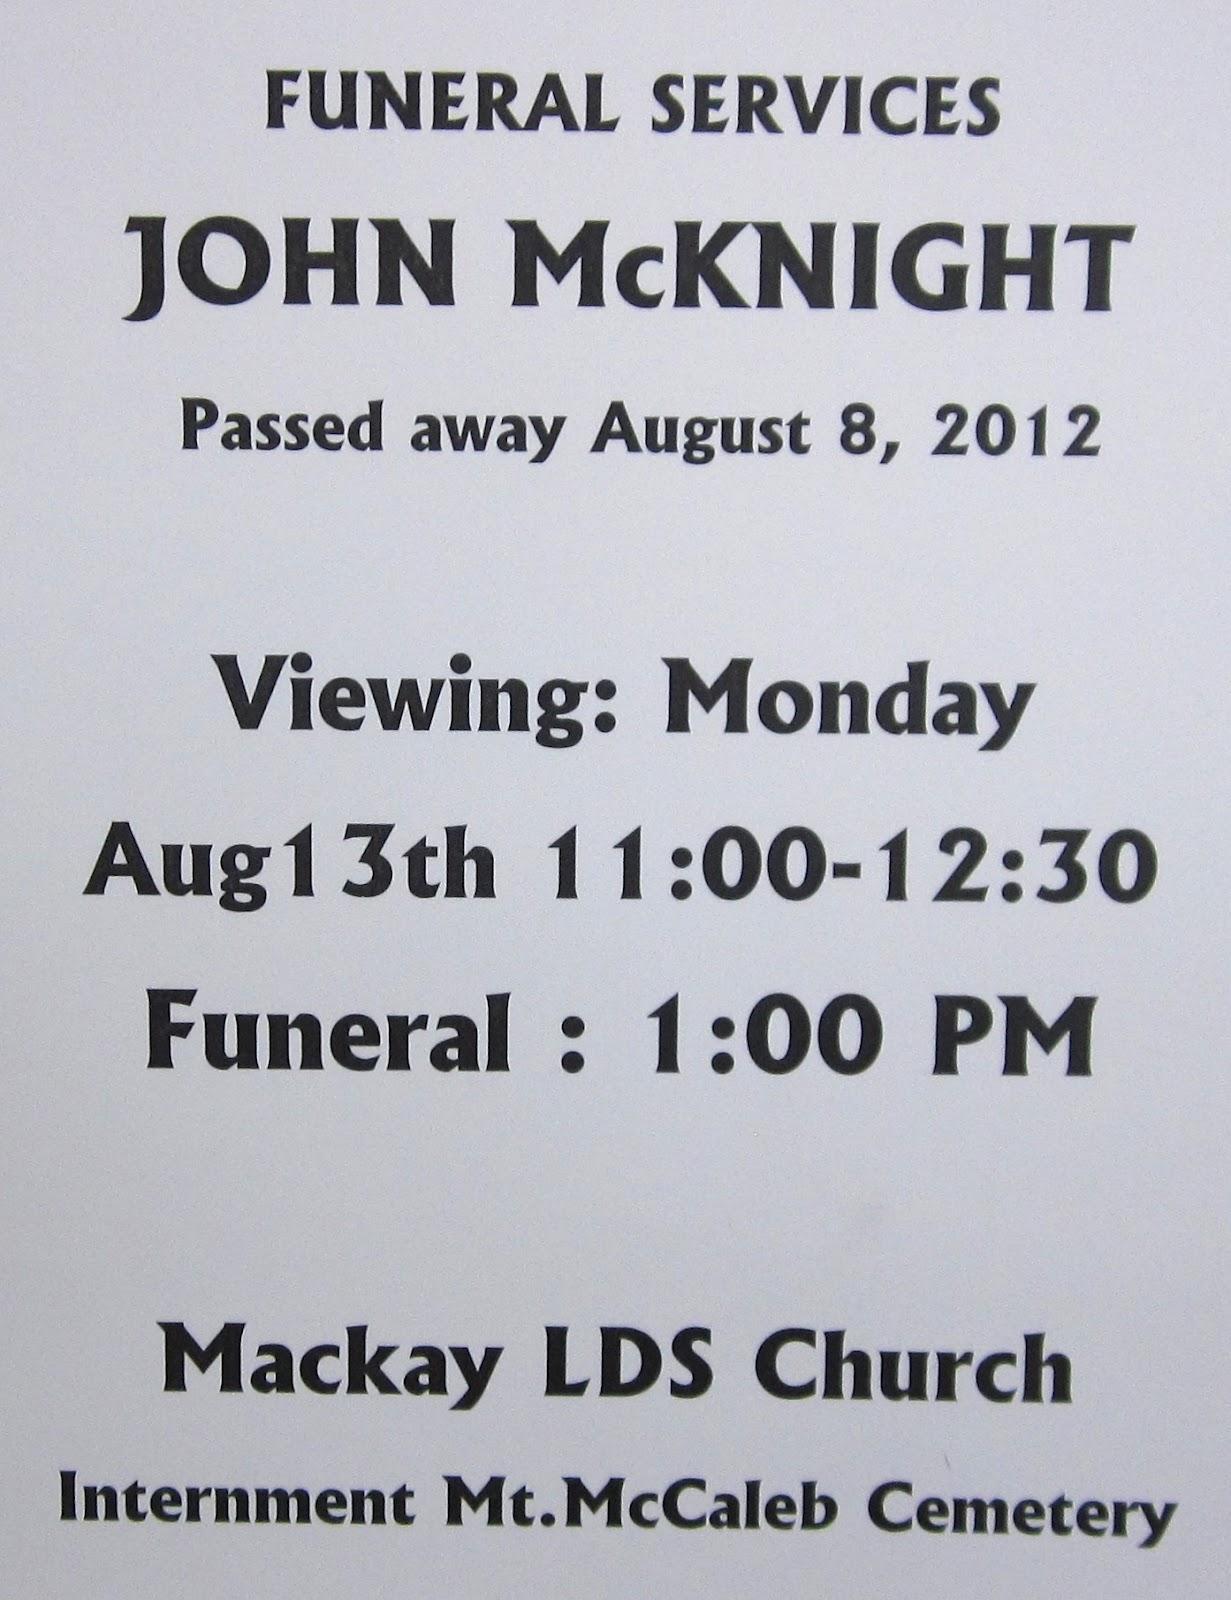 Mackay, Idaho 83251: John McKnight of Mackay, Idaho Passes Away ...